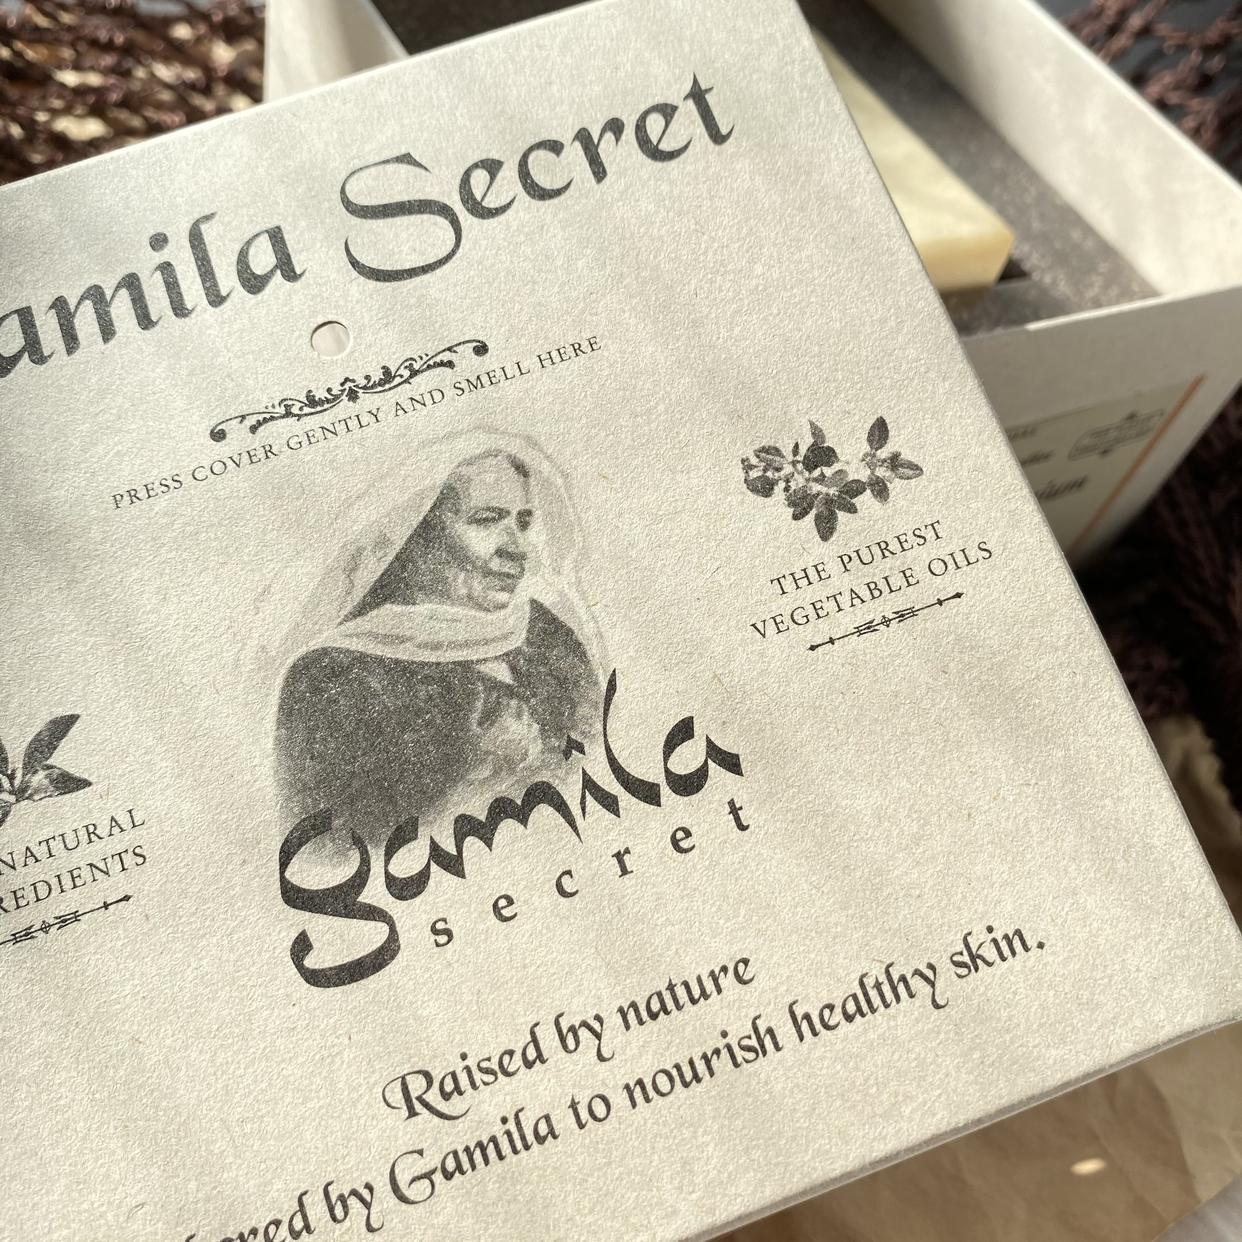 Gamila secret(ガミラシークレット) ソープを使ったHimachinさんのクチコミ画像2